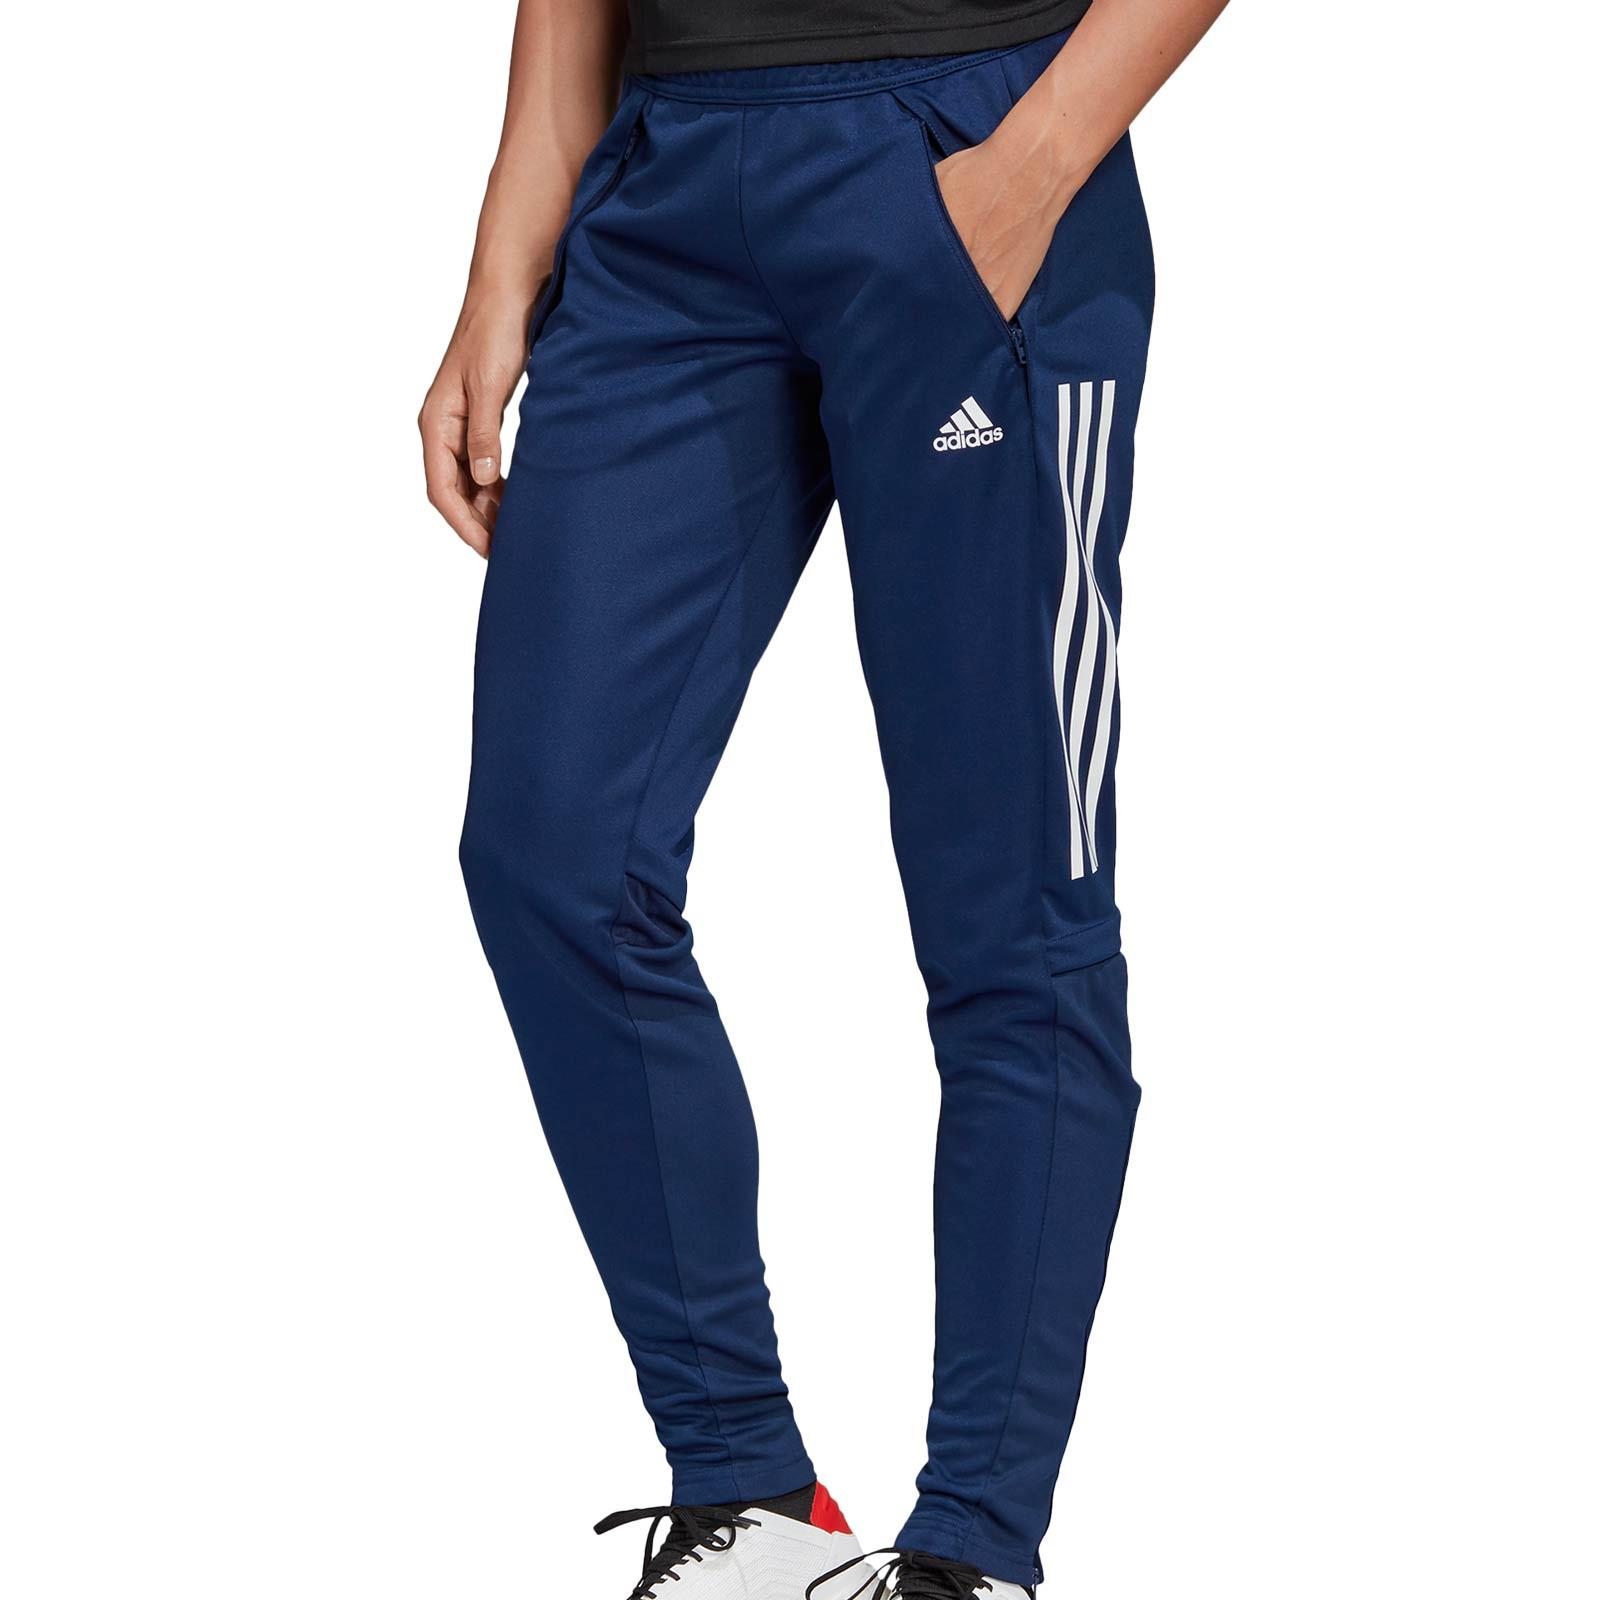 plantador El principio A bordo  pantalon chandal adidas azul marino discount code for 2fcdb 7d551